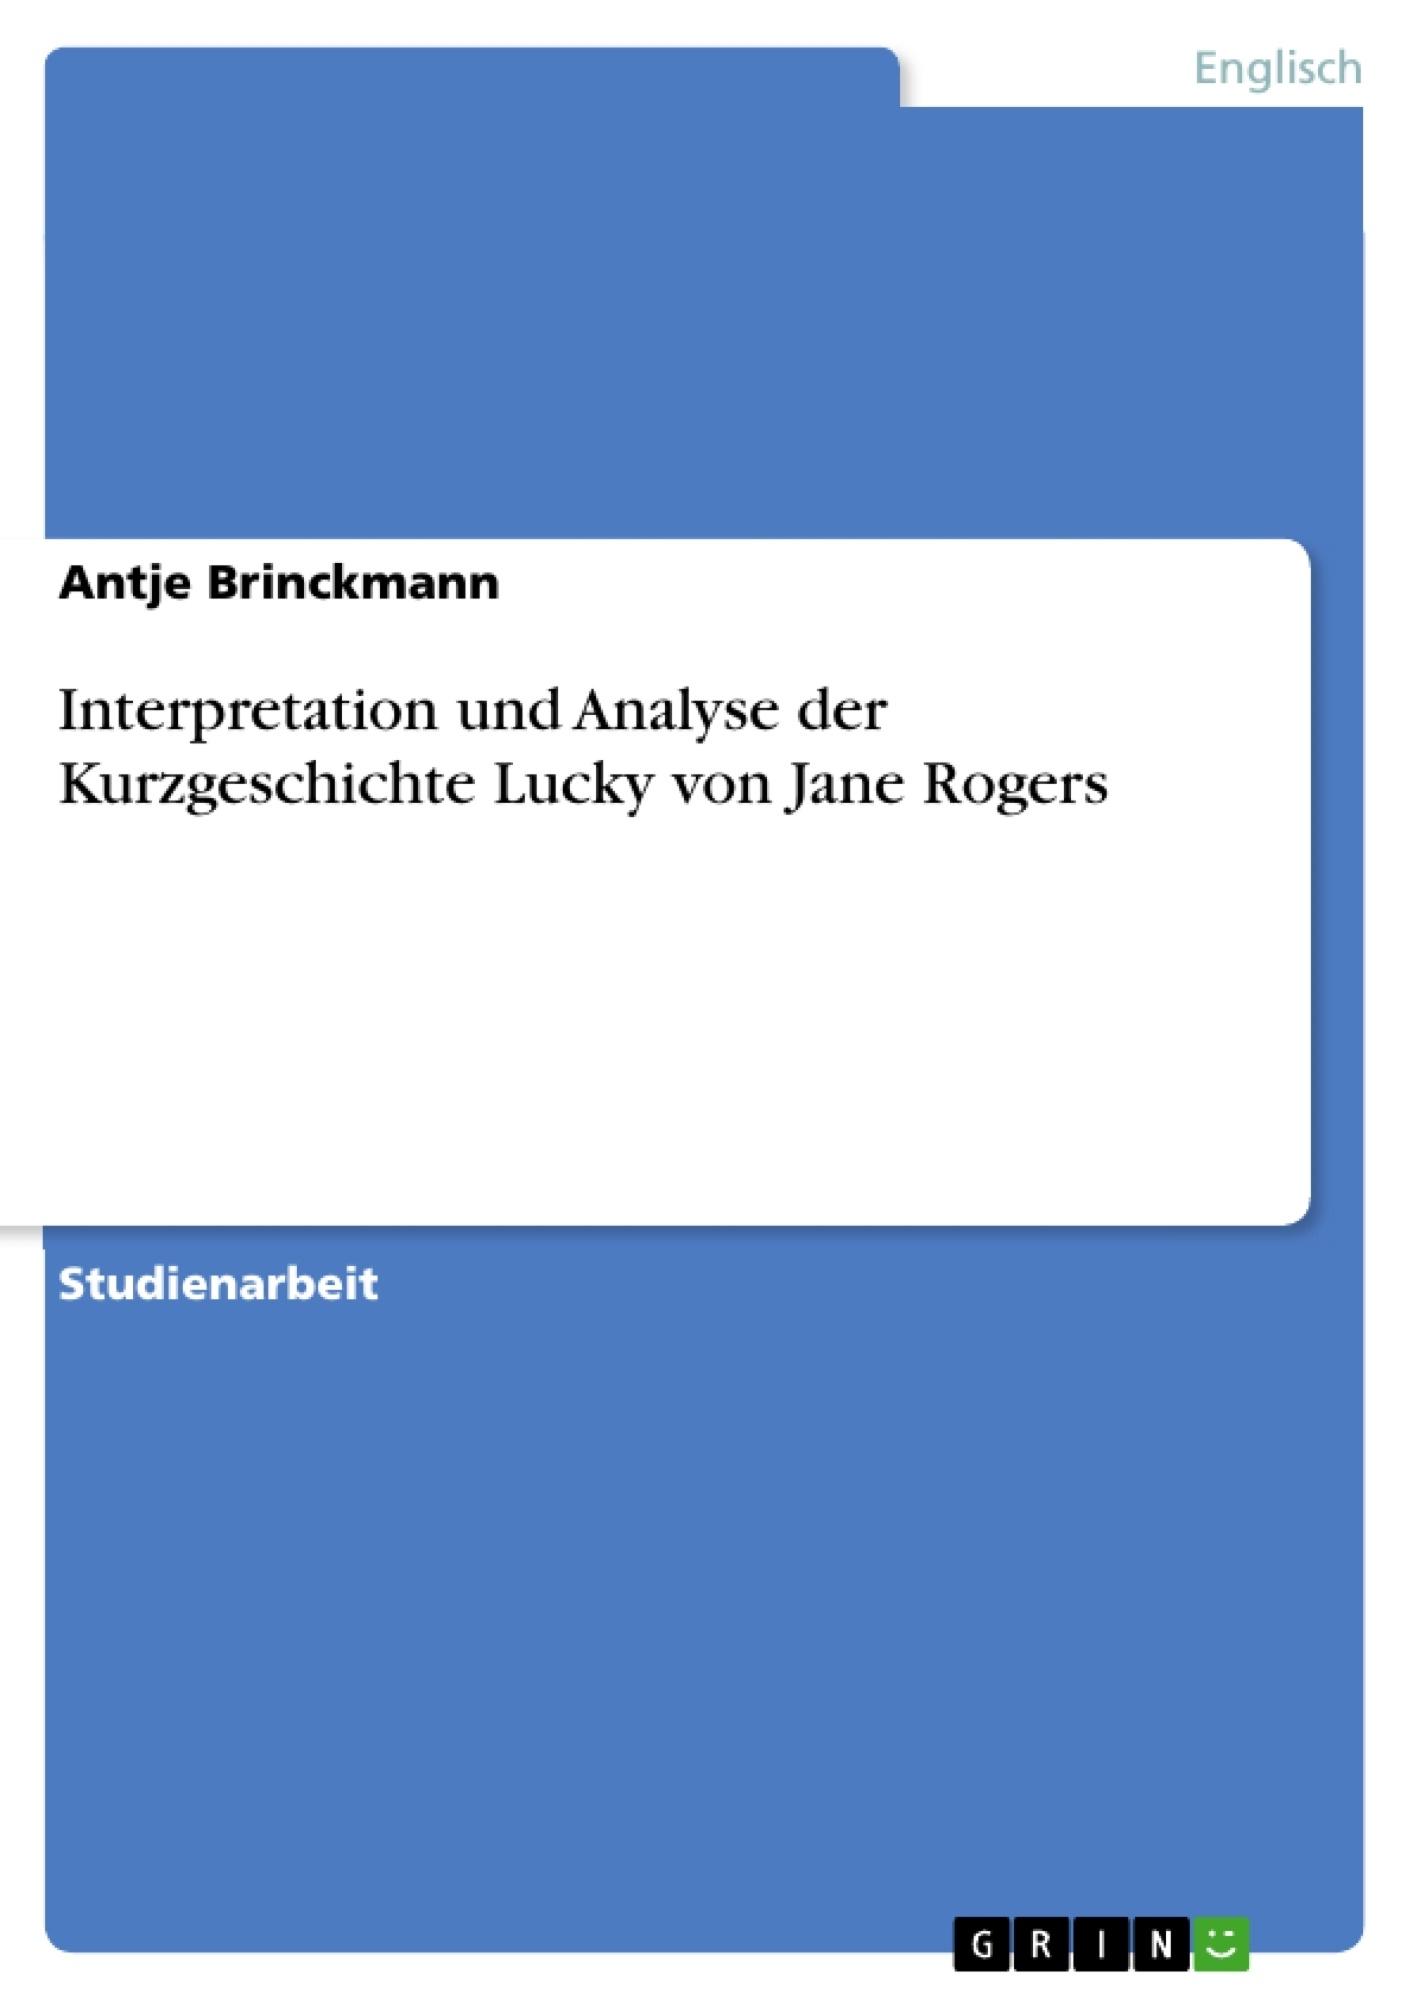 Titel: Interpretation und Analyse der Kurzgeschichte Lucky von Jane Rogers